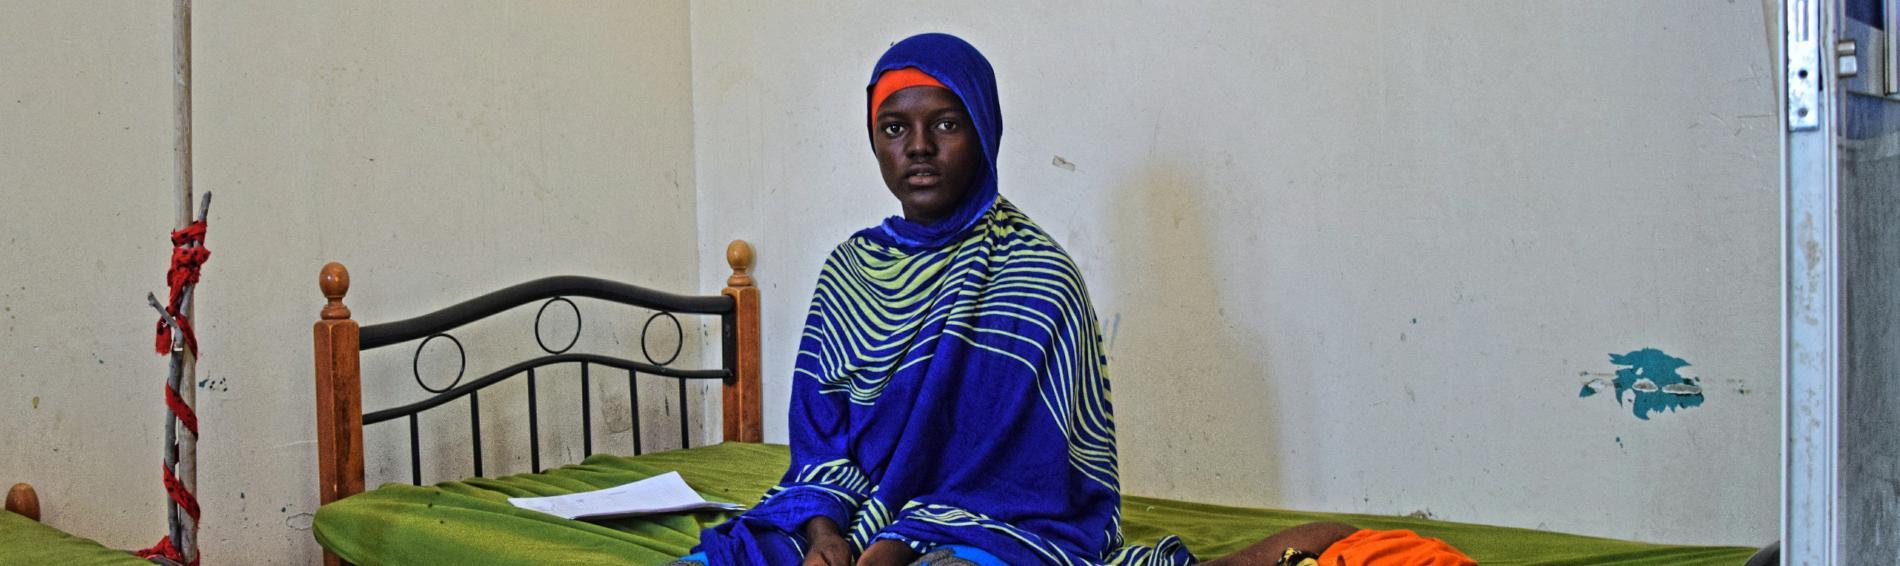 Mutter mit Kind in einem Behandlungszentrum von Ärzte der Welt in Bosaso, Somalia. Foto: Jelle Boone